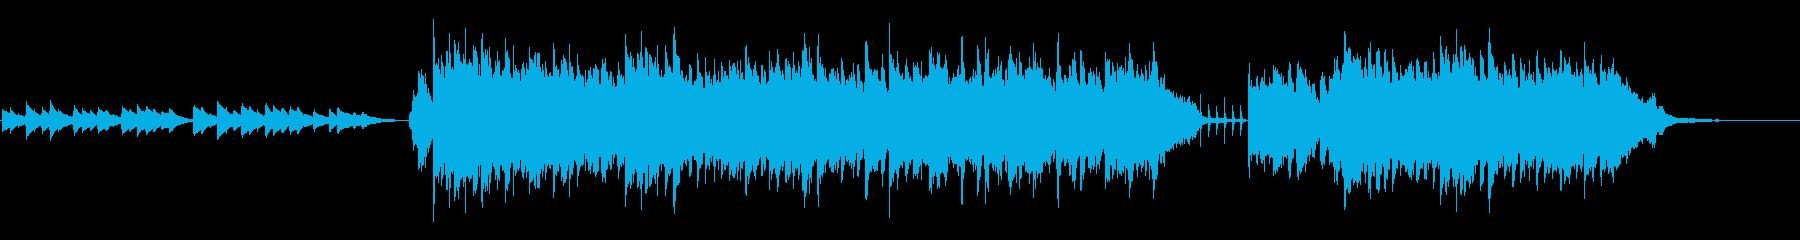 ピアノとアコギの優しいBGMの再生済みの波形